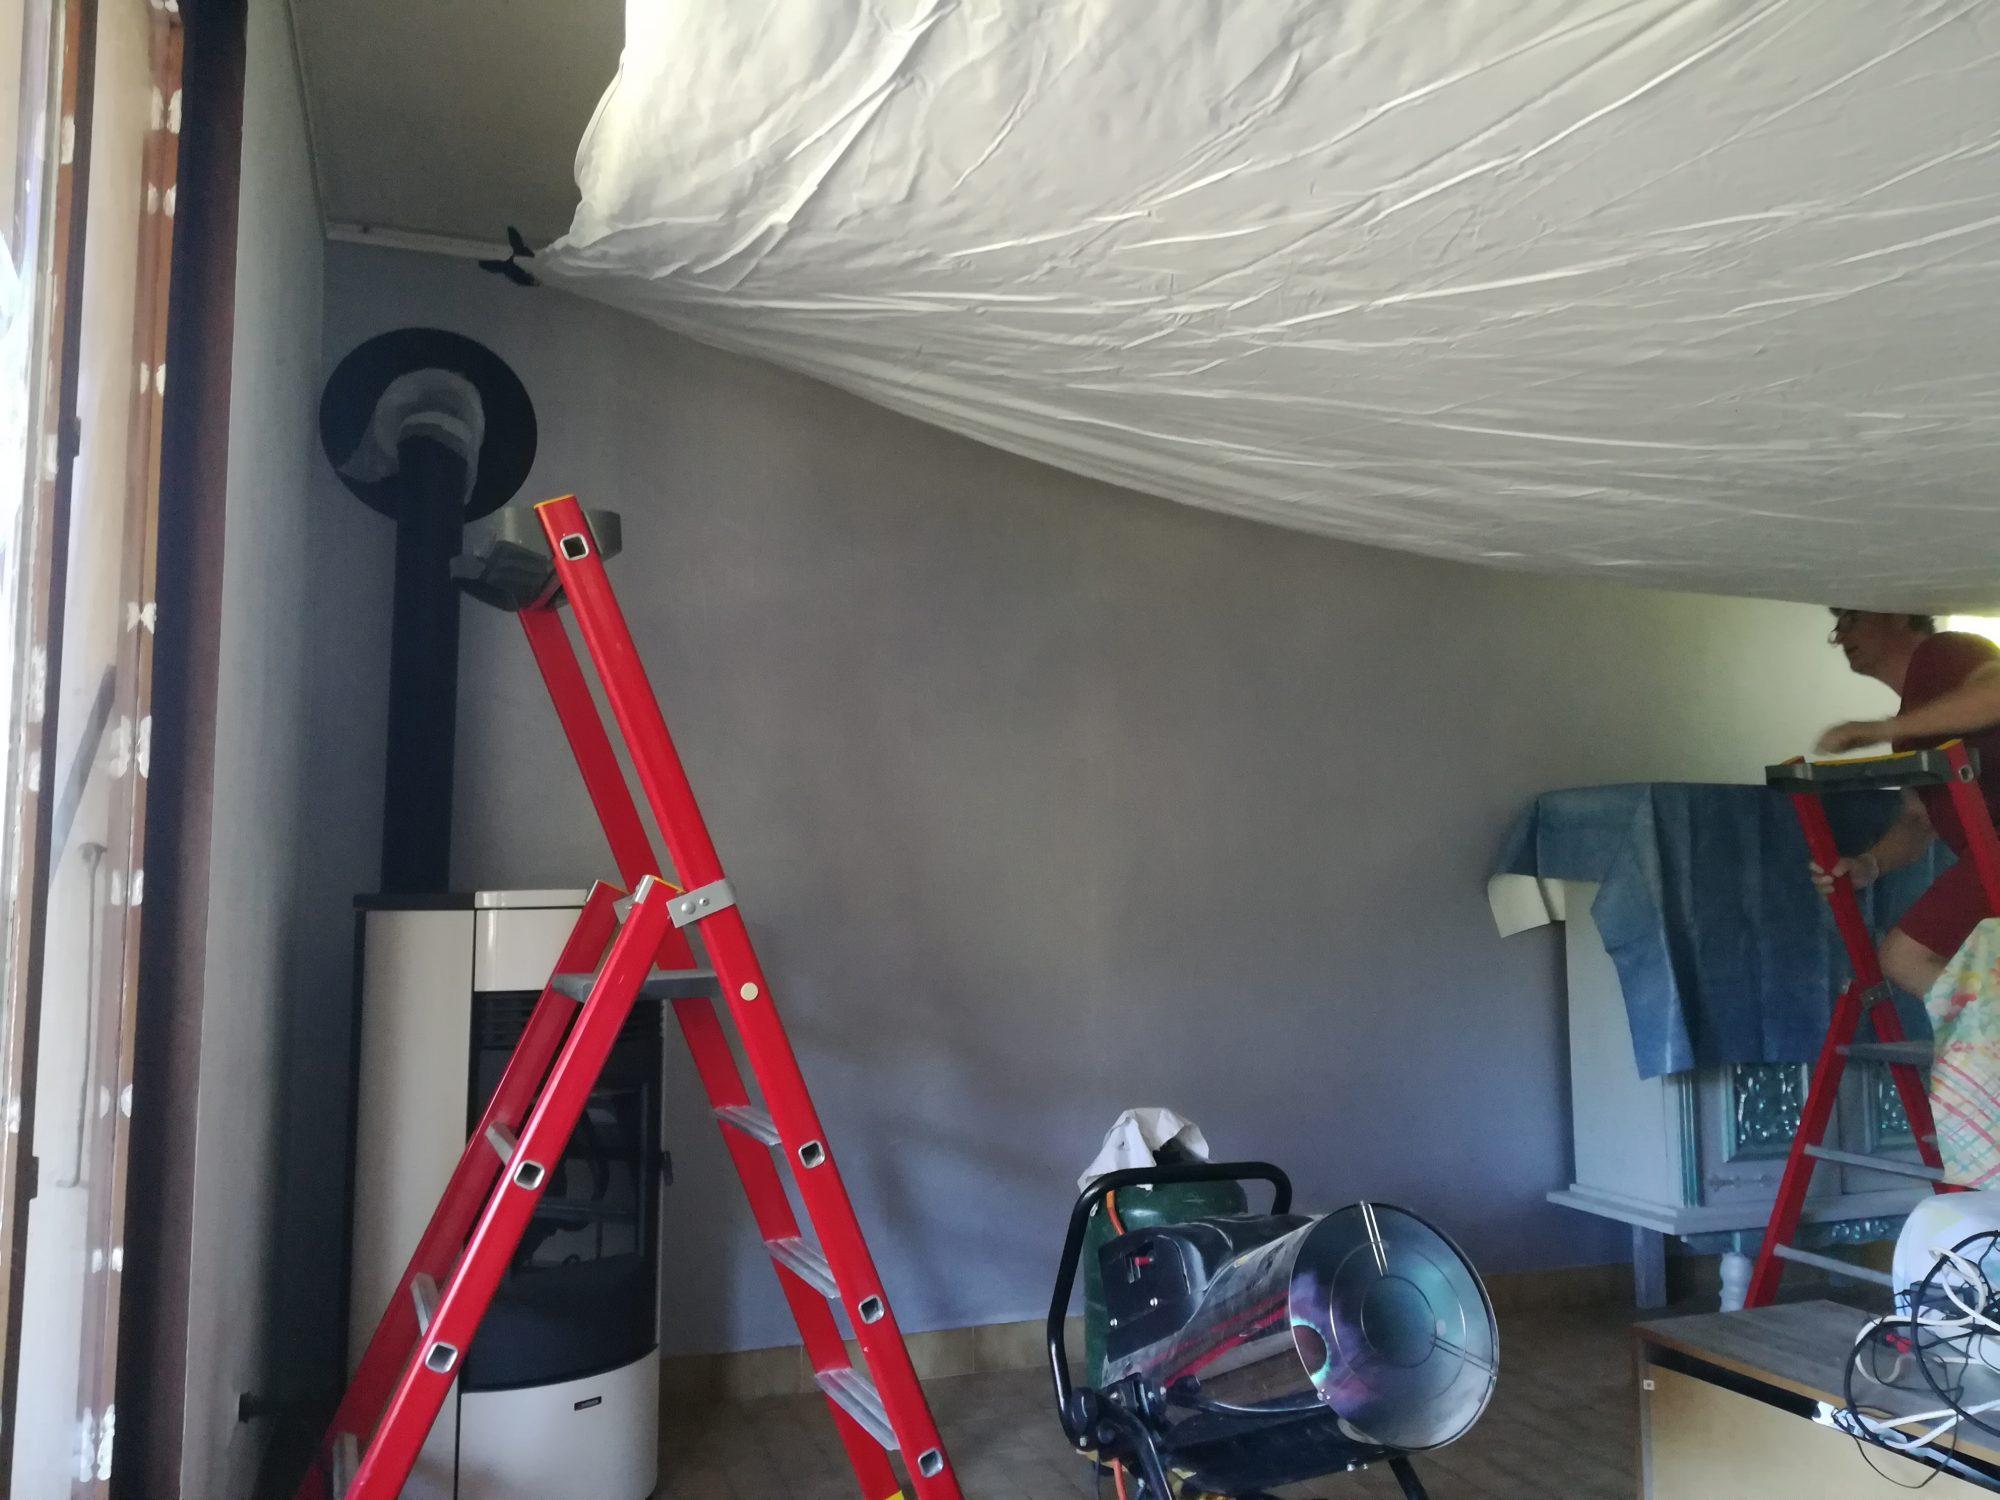 Toile À Enduire Plafond qu'est-ce que la pose d'un plafond tendu à chaud